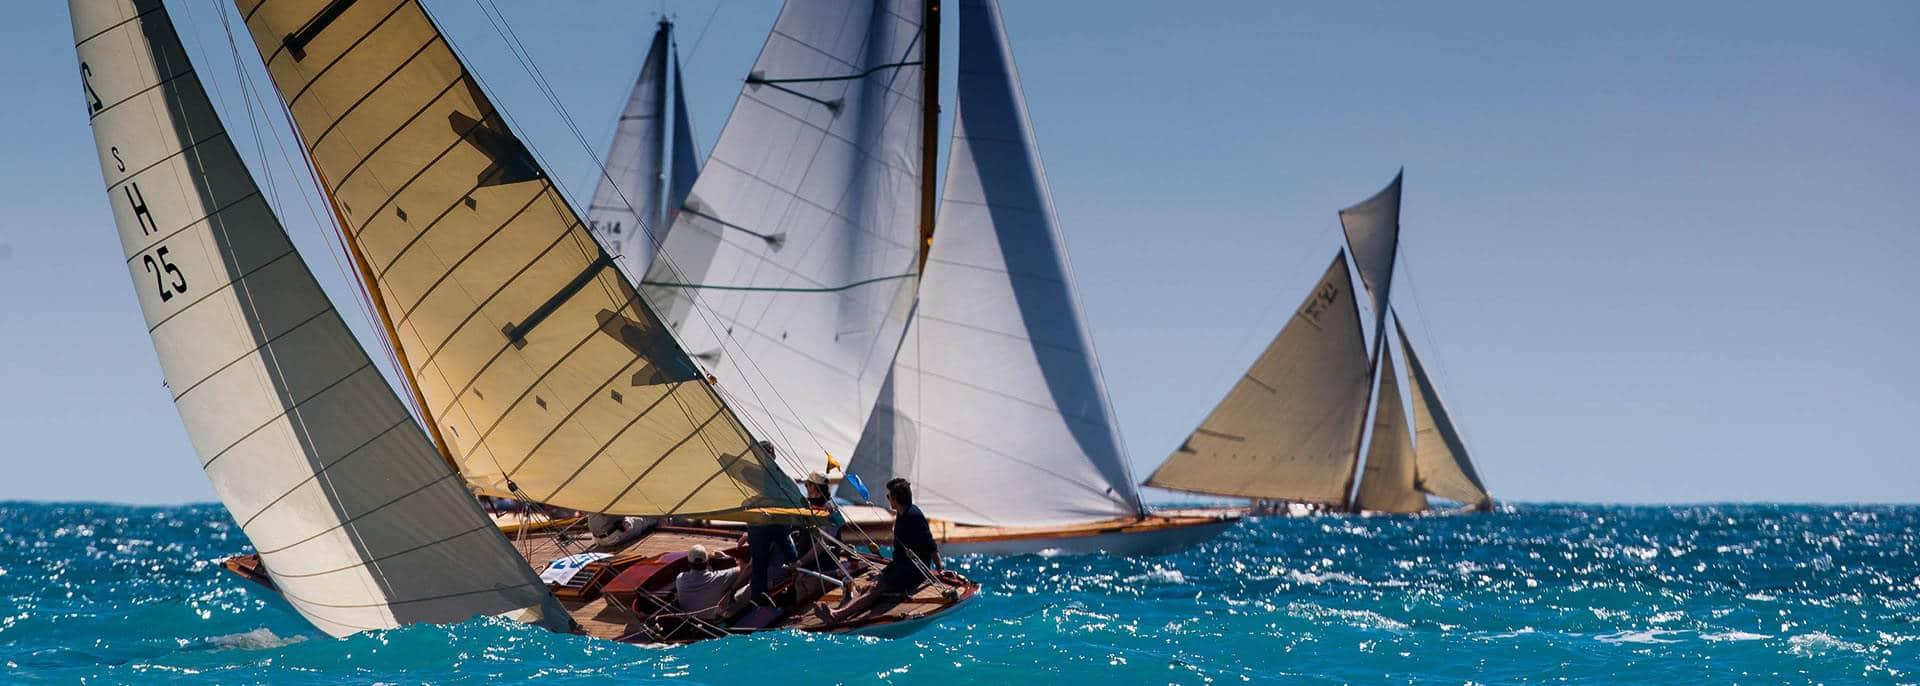 Appuntamento con la grande vela al Port Vauban. E' la 21a edizione